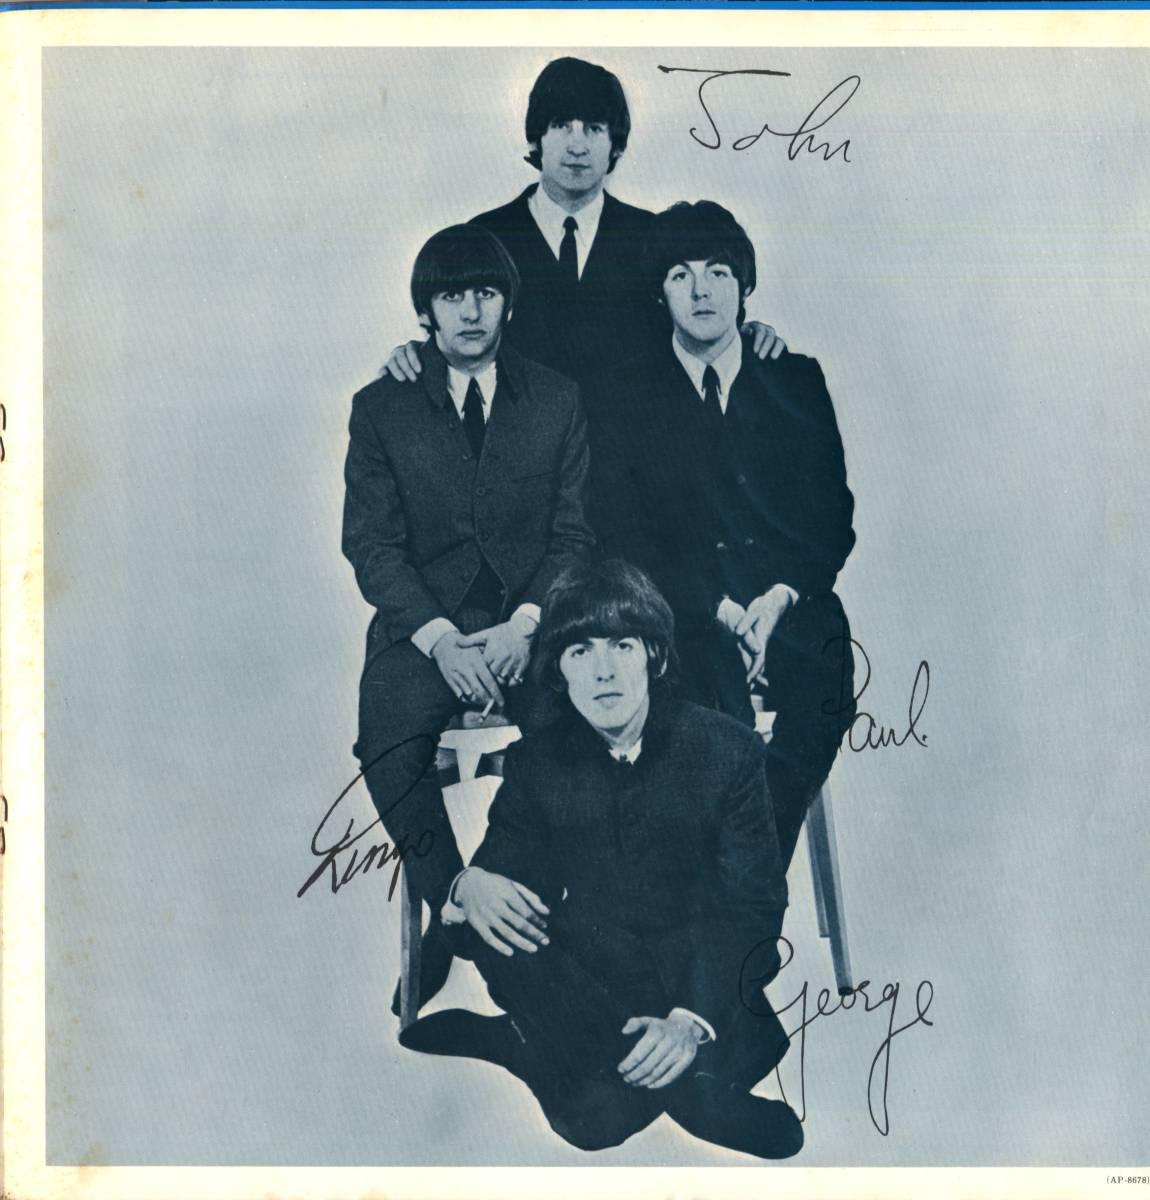 Beatles 「With The Beatles」国内盤アップルレーベル ダブルジャケット盤LPレコード  (AP-8678)_画像6